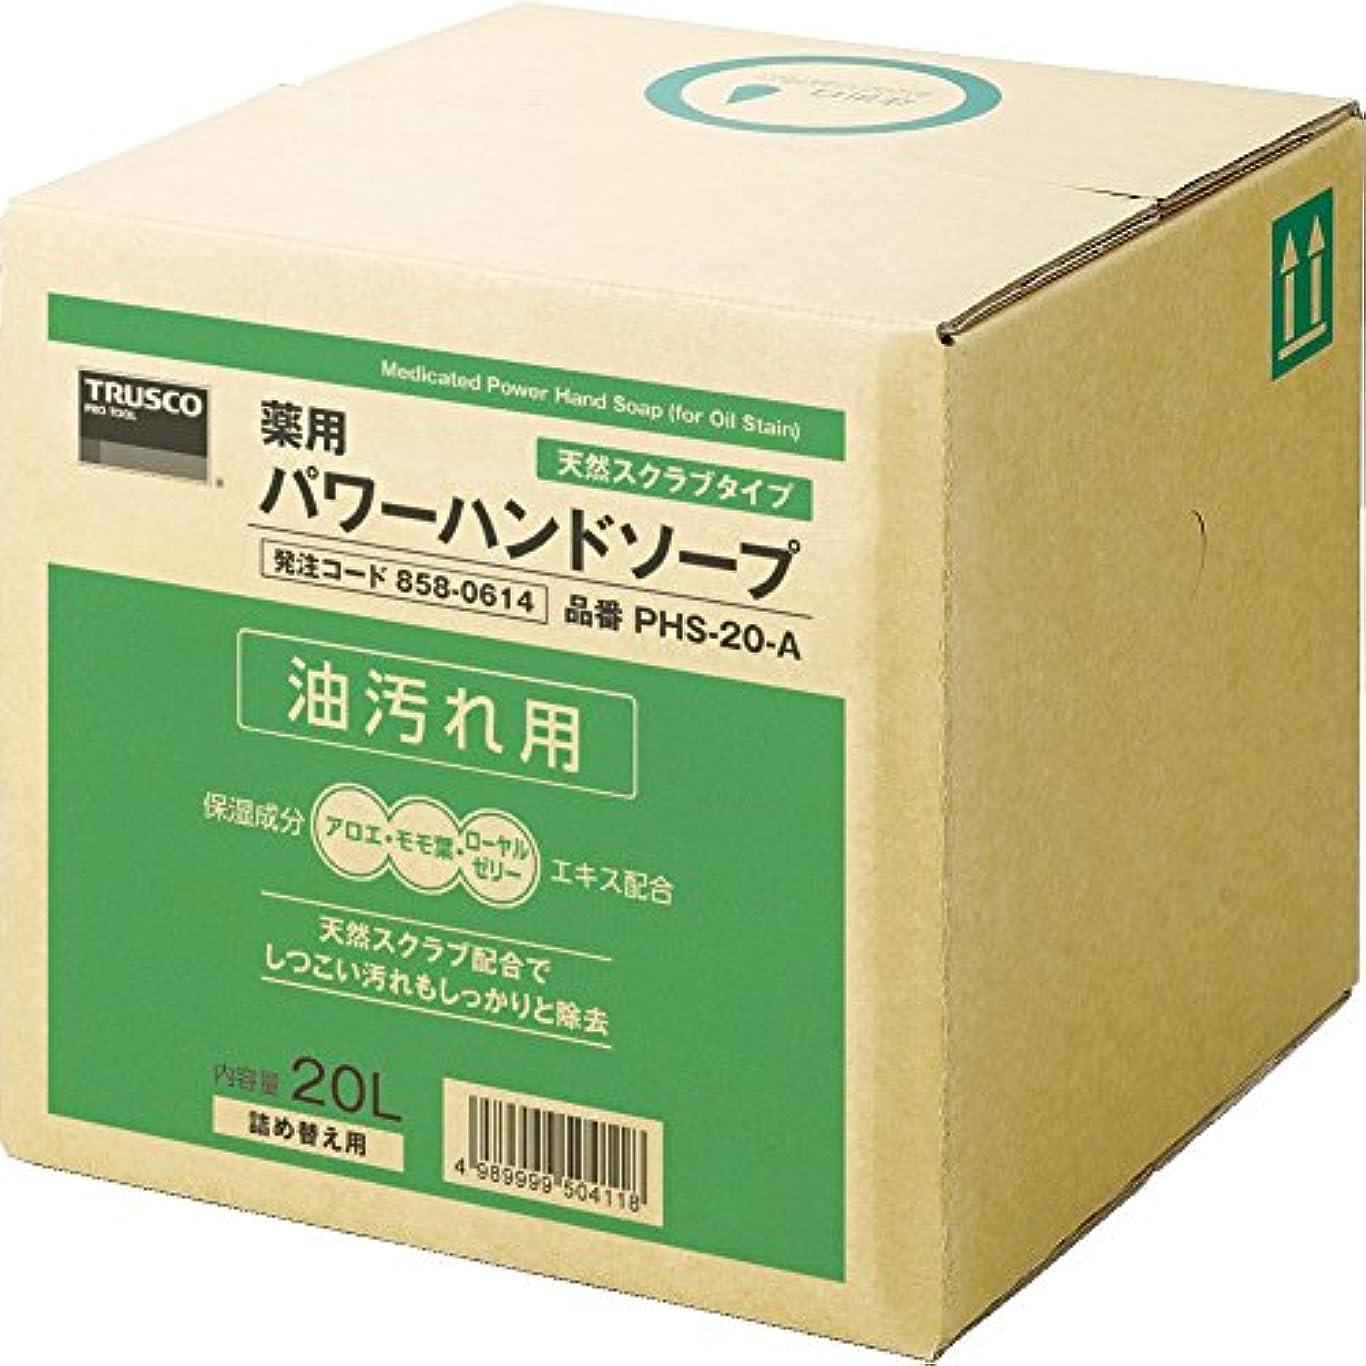 ダルセットポットプロフィールTRUSCO(トラスコ) 薬用パワーハンドソープ 20L PHS-20-A